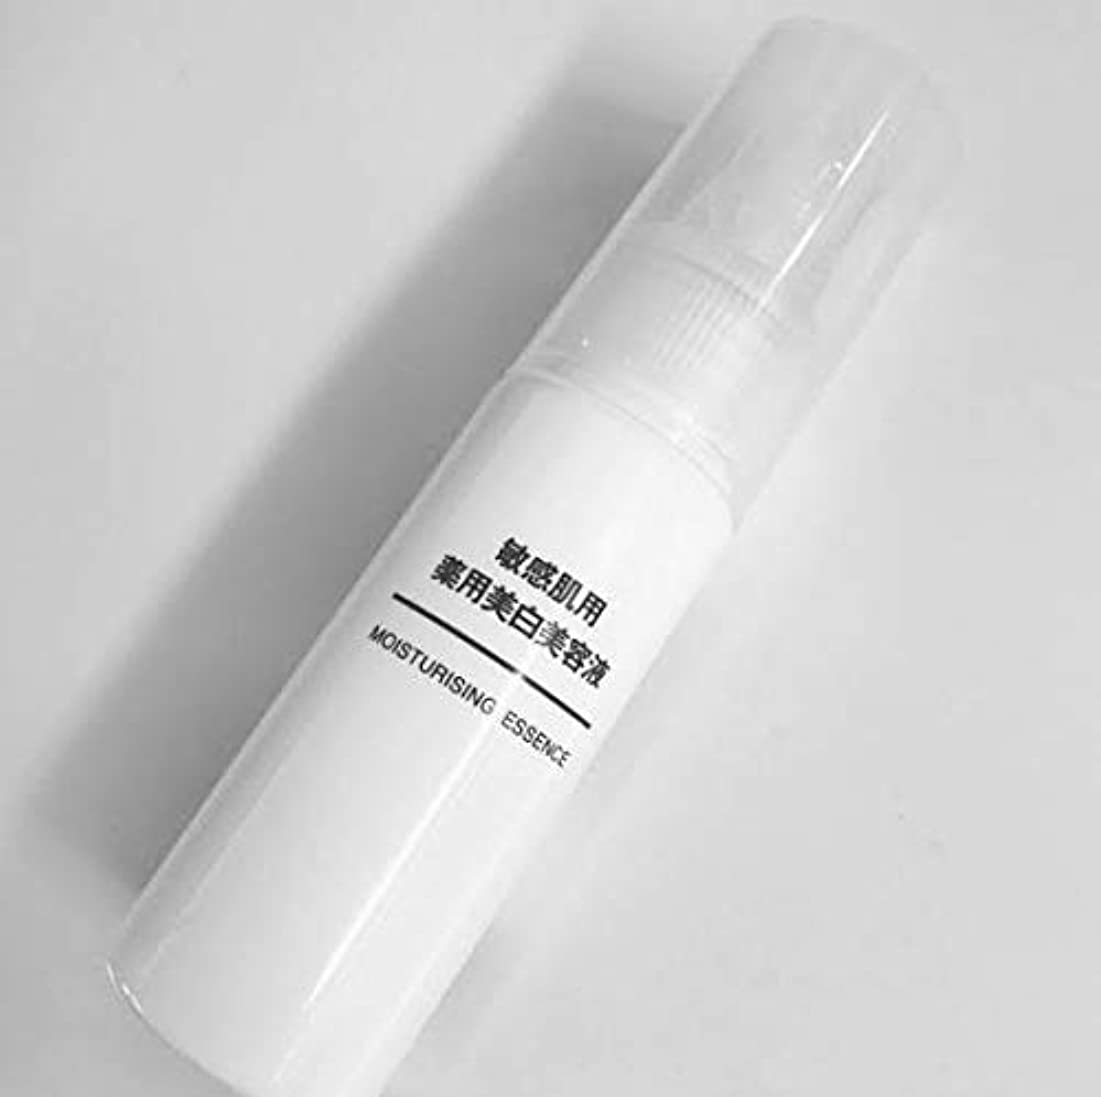 ばかげている足枷塩辛い無印良品 敏感肌用 薬用美白美容液 (新)50ml